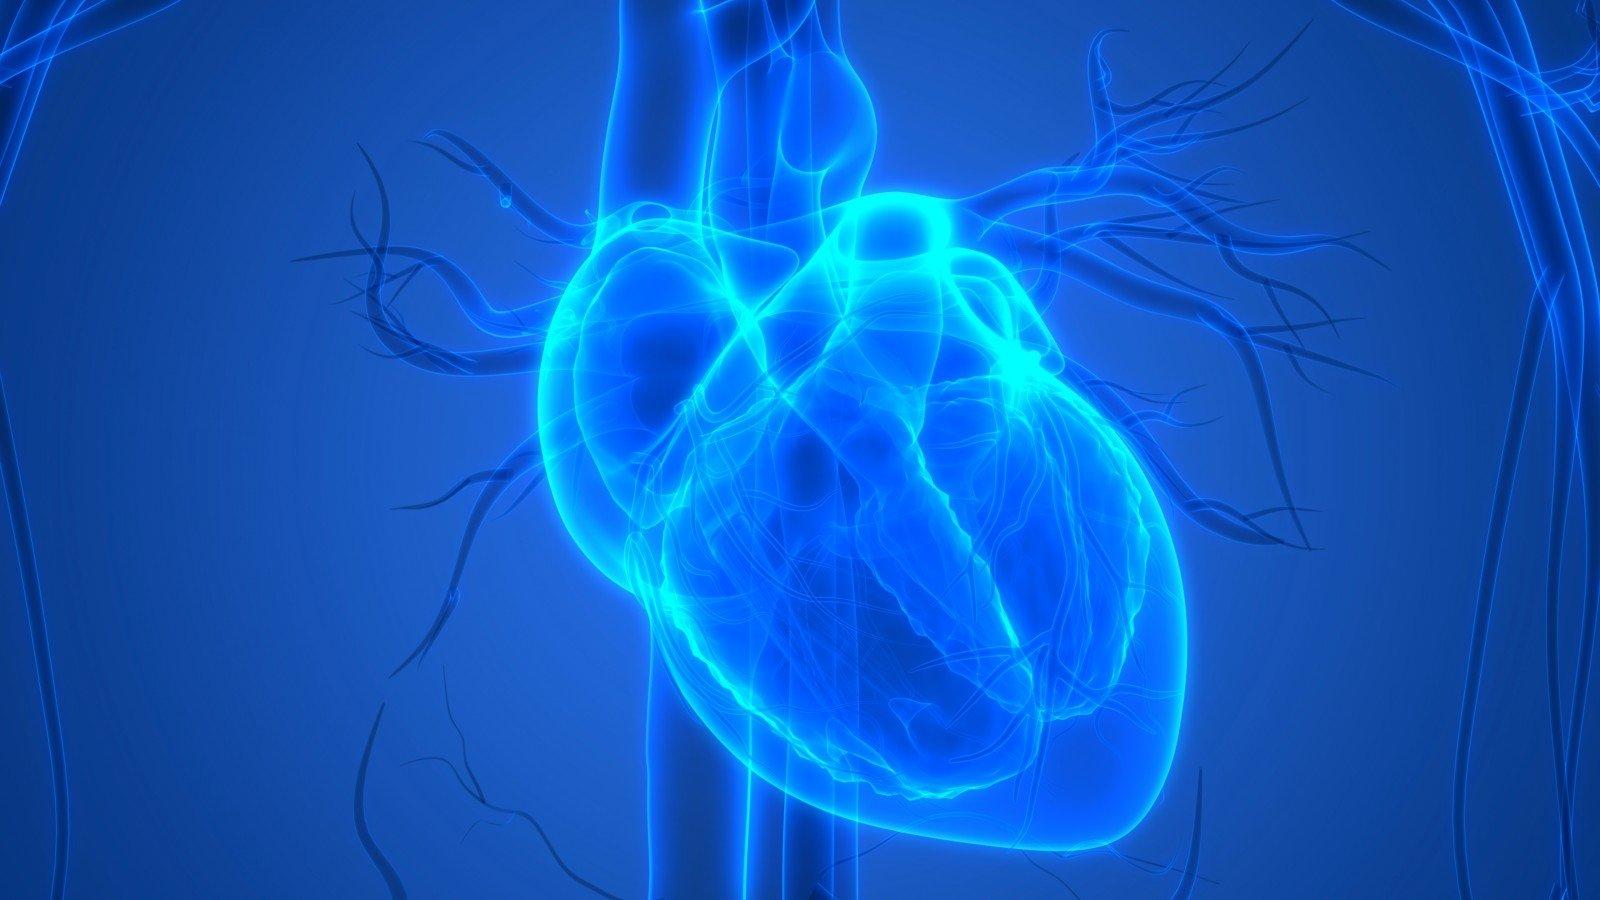 sveikata papildo širdies cirkuliacijos energijos stiprumą vitamino d3 širdies sveikata